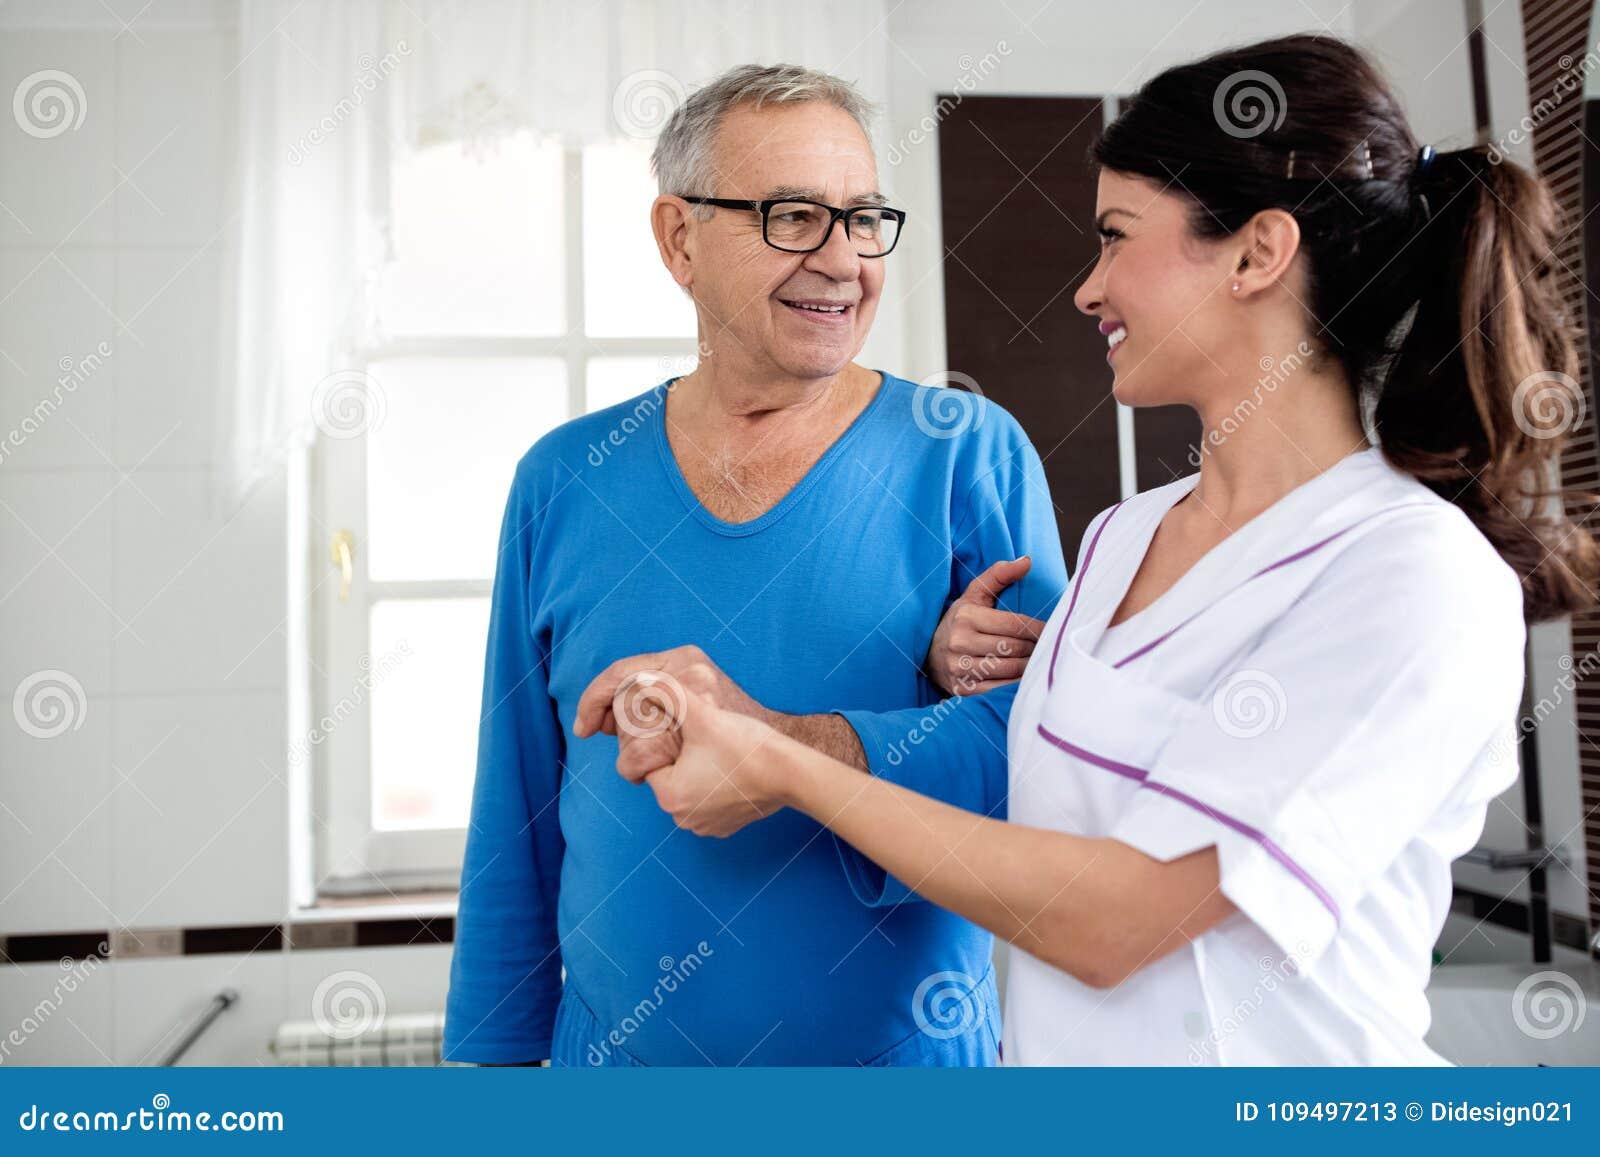 Junge schöne Krankenschwester hilft zum älteren Mann am Badezimmer